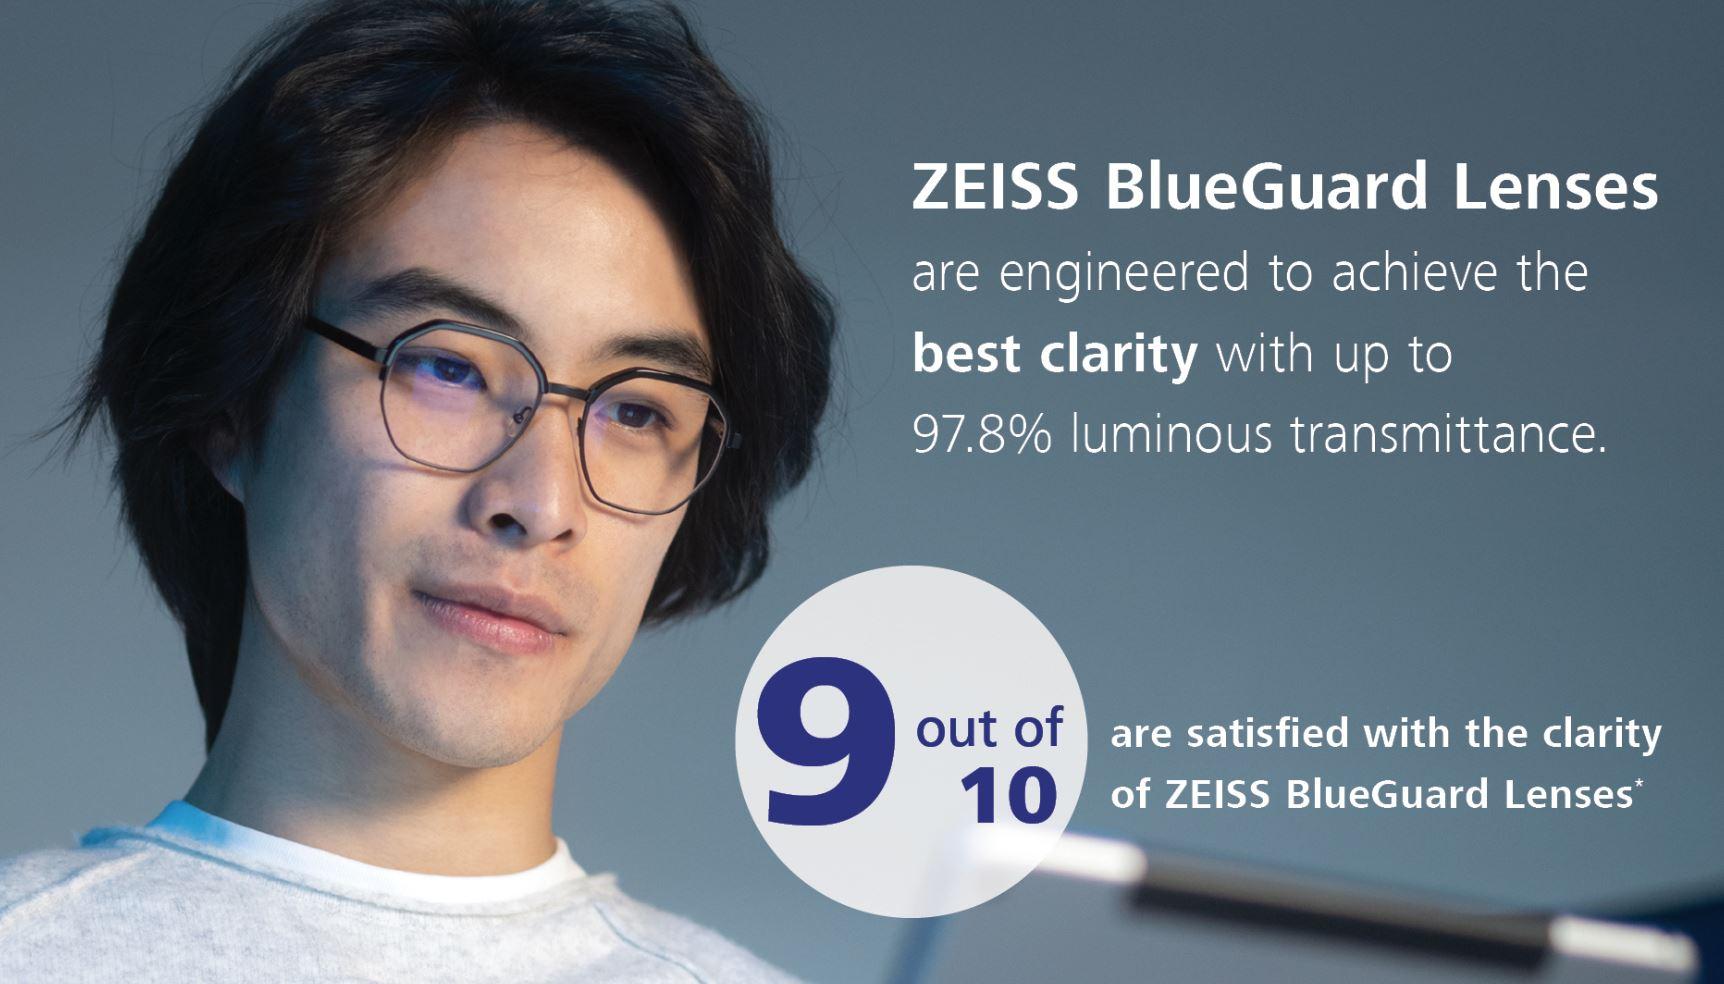 blueguard info